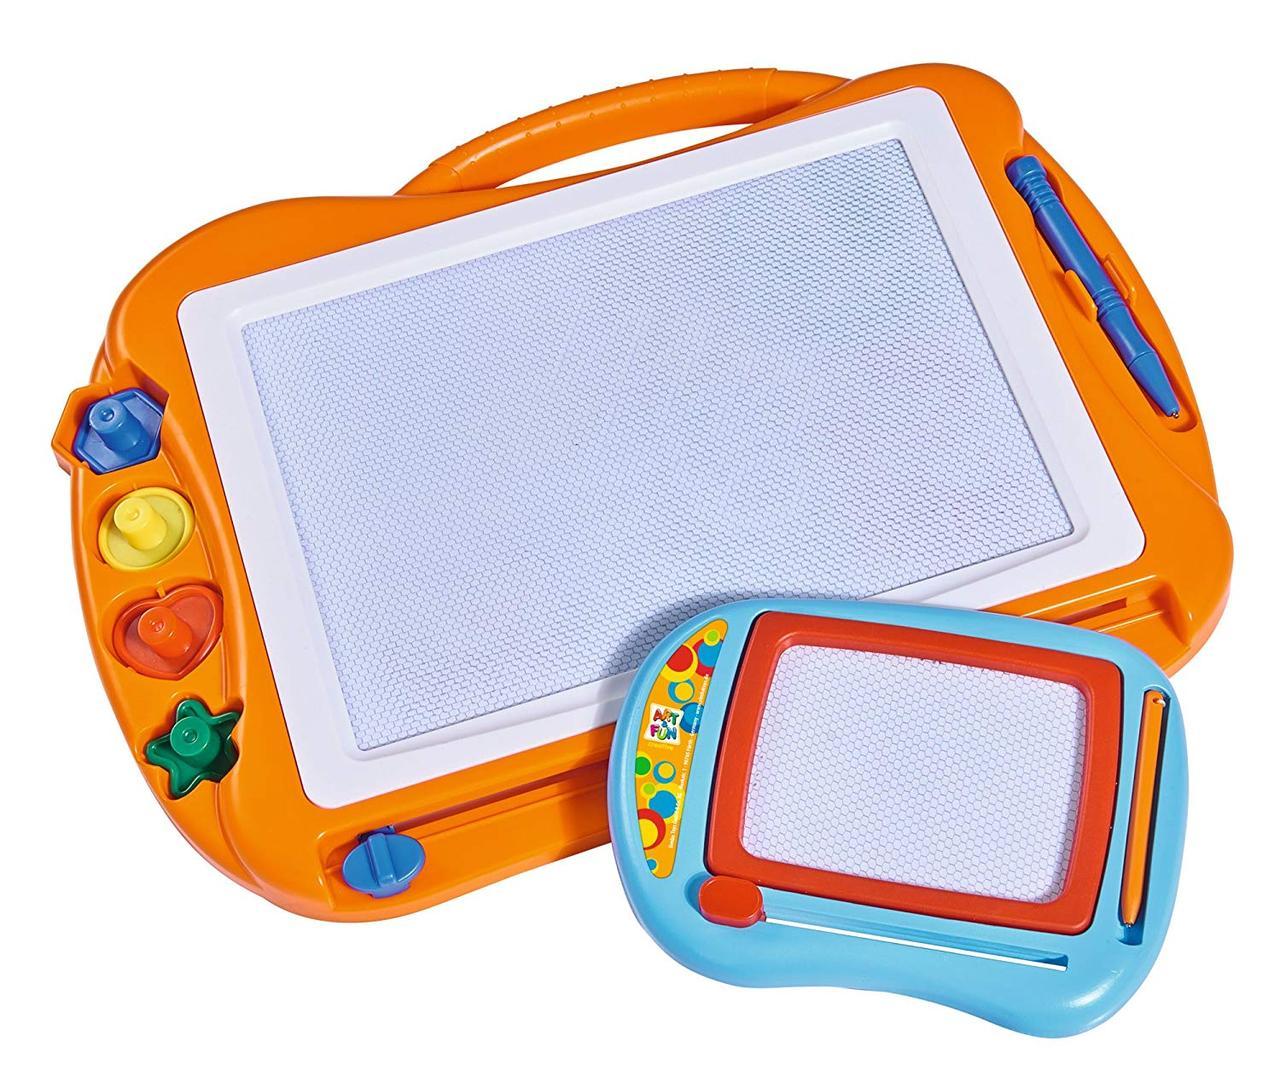 Игрушка детская магнитная доска для рисования - Simba 106334149 2 шт